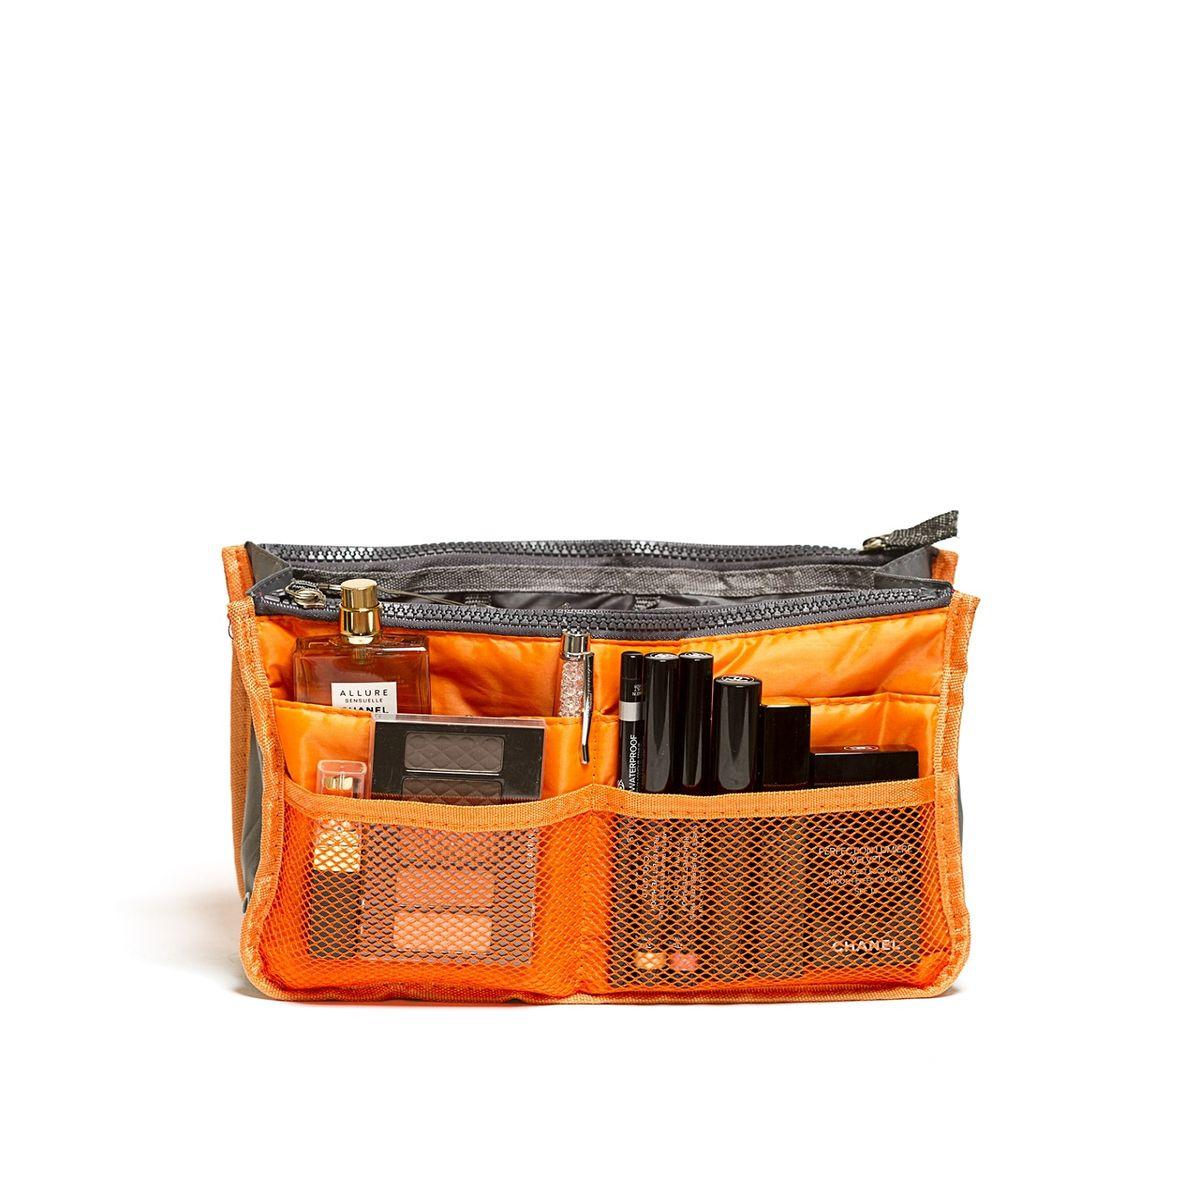 Органайзер для сумки Homsu, цвет: оранжевый, 30 x 8,5 x 18,5 смZ-0307Органайзер для сумки Homsu выполнен из полиэстера и текстиля. Этот органайзер для сумки имеет три вместительных отделениях для вещей, четыре кармашка по бокам и шесть кармашков в виде сетки. Такой органайзер обеспечит полный порядок в вашей сумке. Данный аксессуар обладает быстрой регулировкой толщины с помощью кнопок. Органайзер оснащен двумя крепкими ручками, что позволяет применять его и вне сумки.